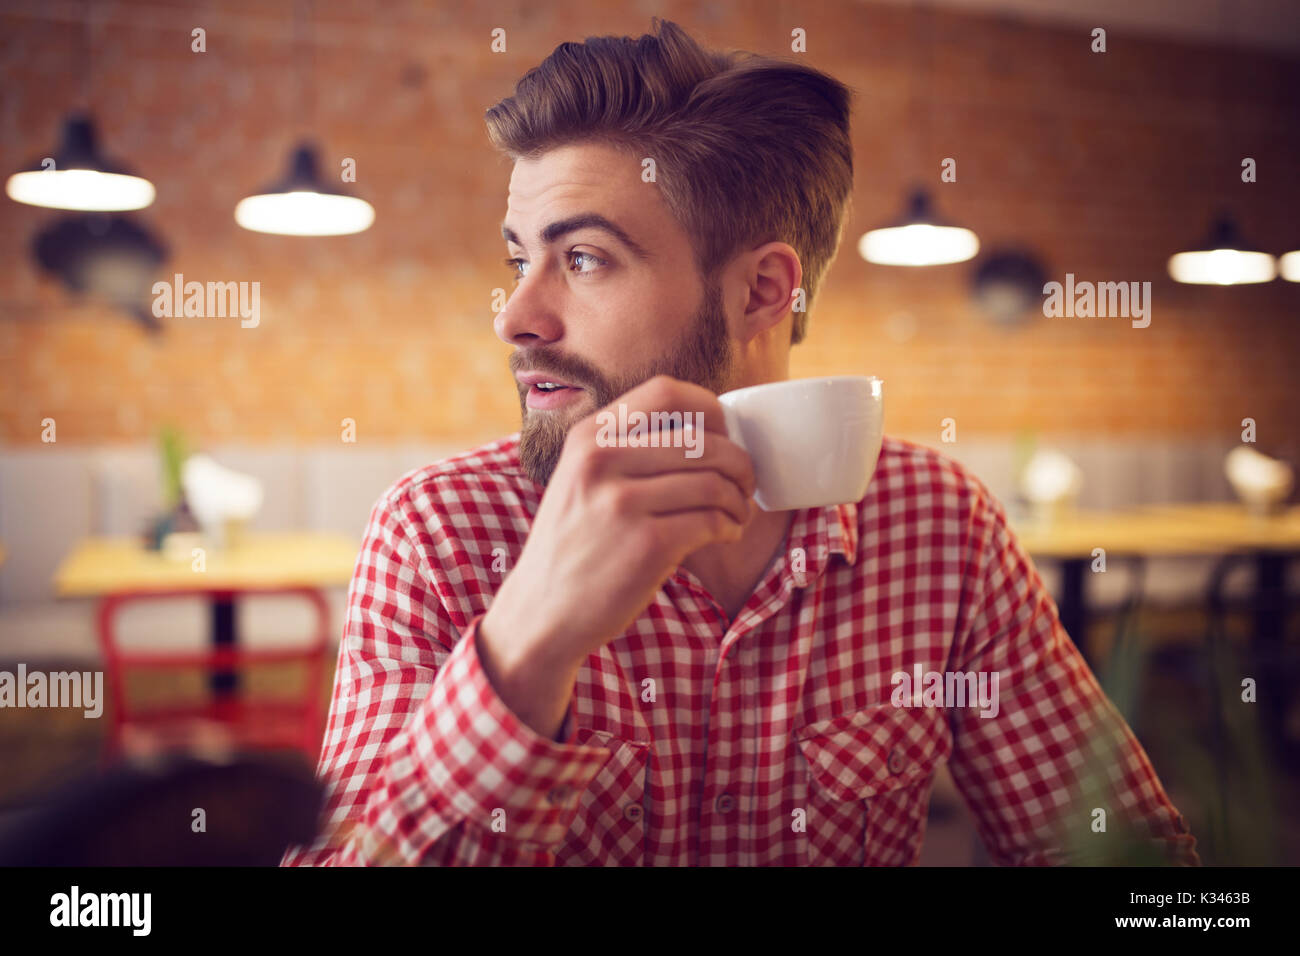 La foto di un giovane uomo nella verifica shirt udienza presso la caffetteria con una tazza di caffè in mano. Immagini Stock